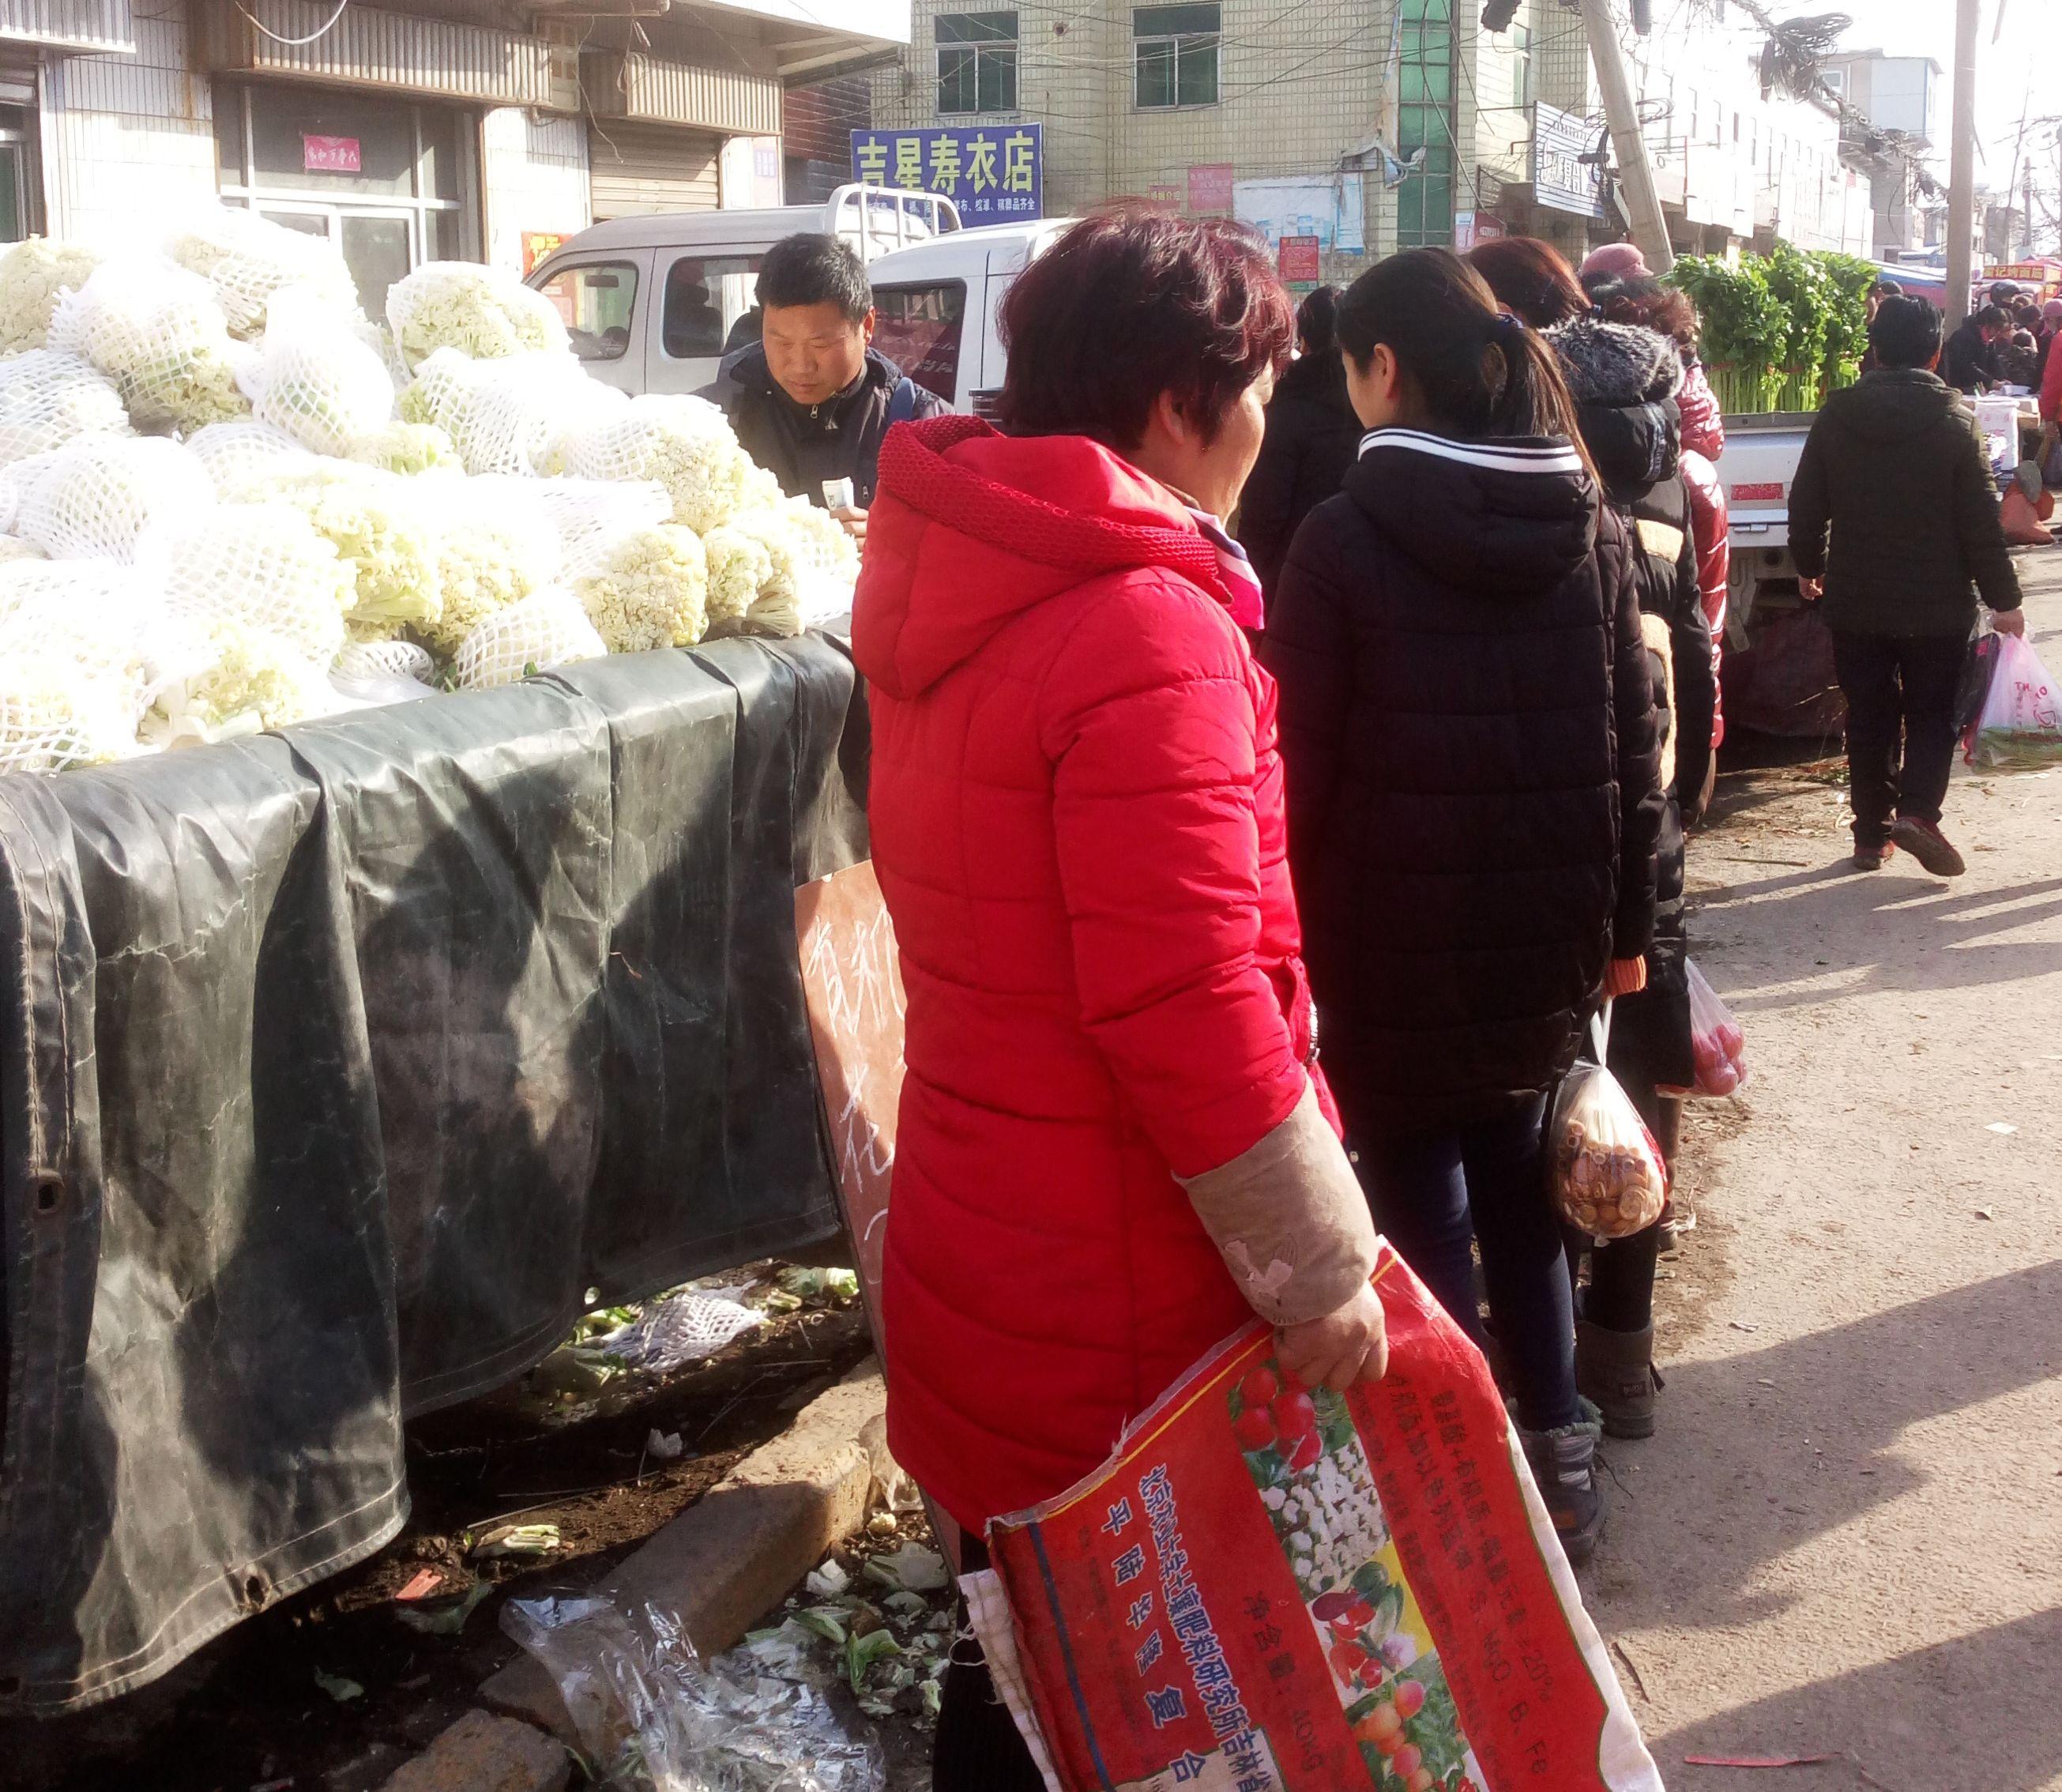 三门峡市宜村街 年前最后一个乡村大集热闹非凡